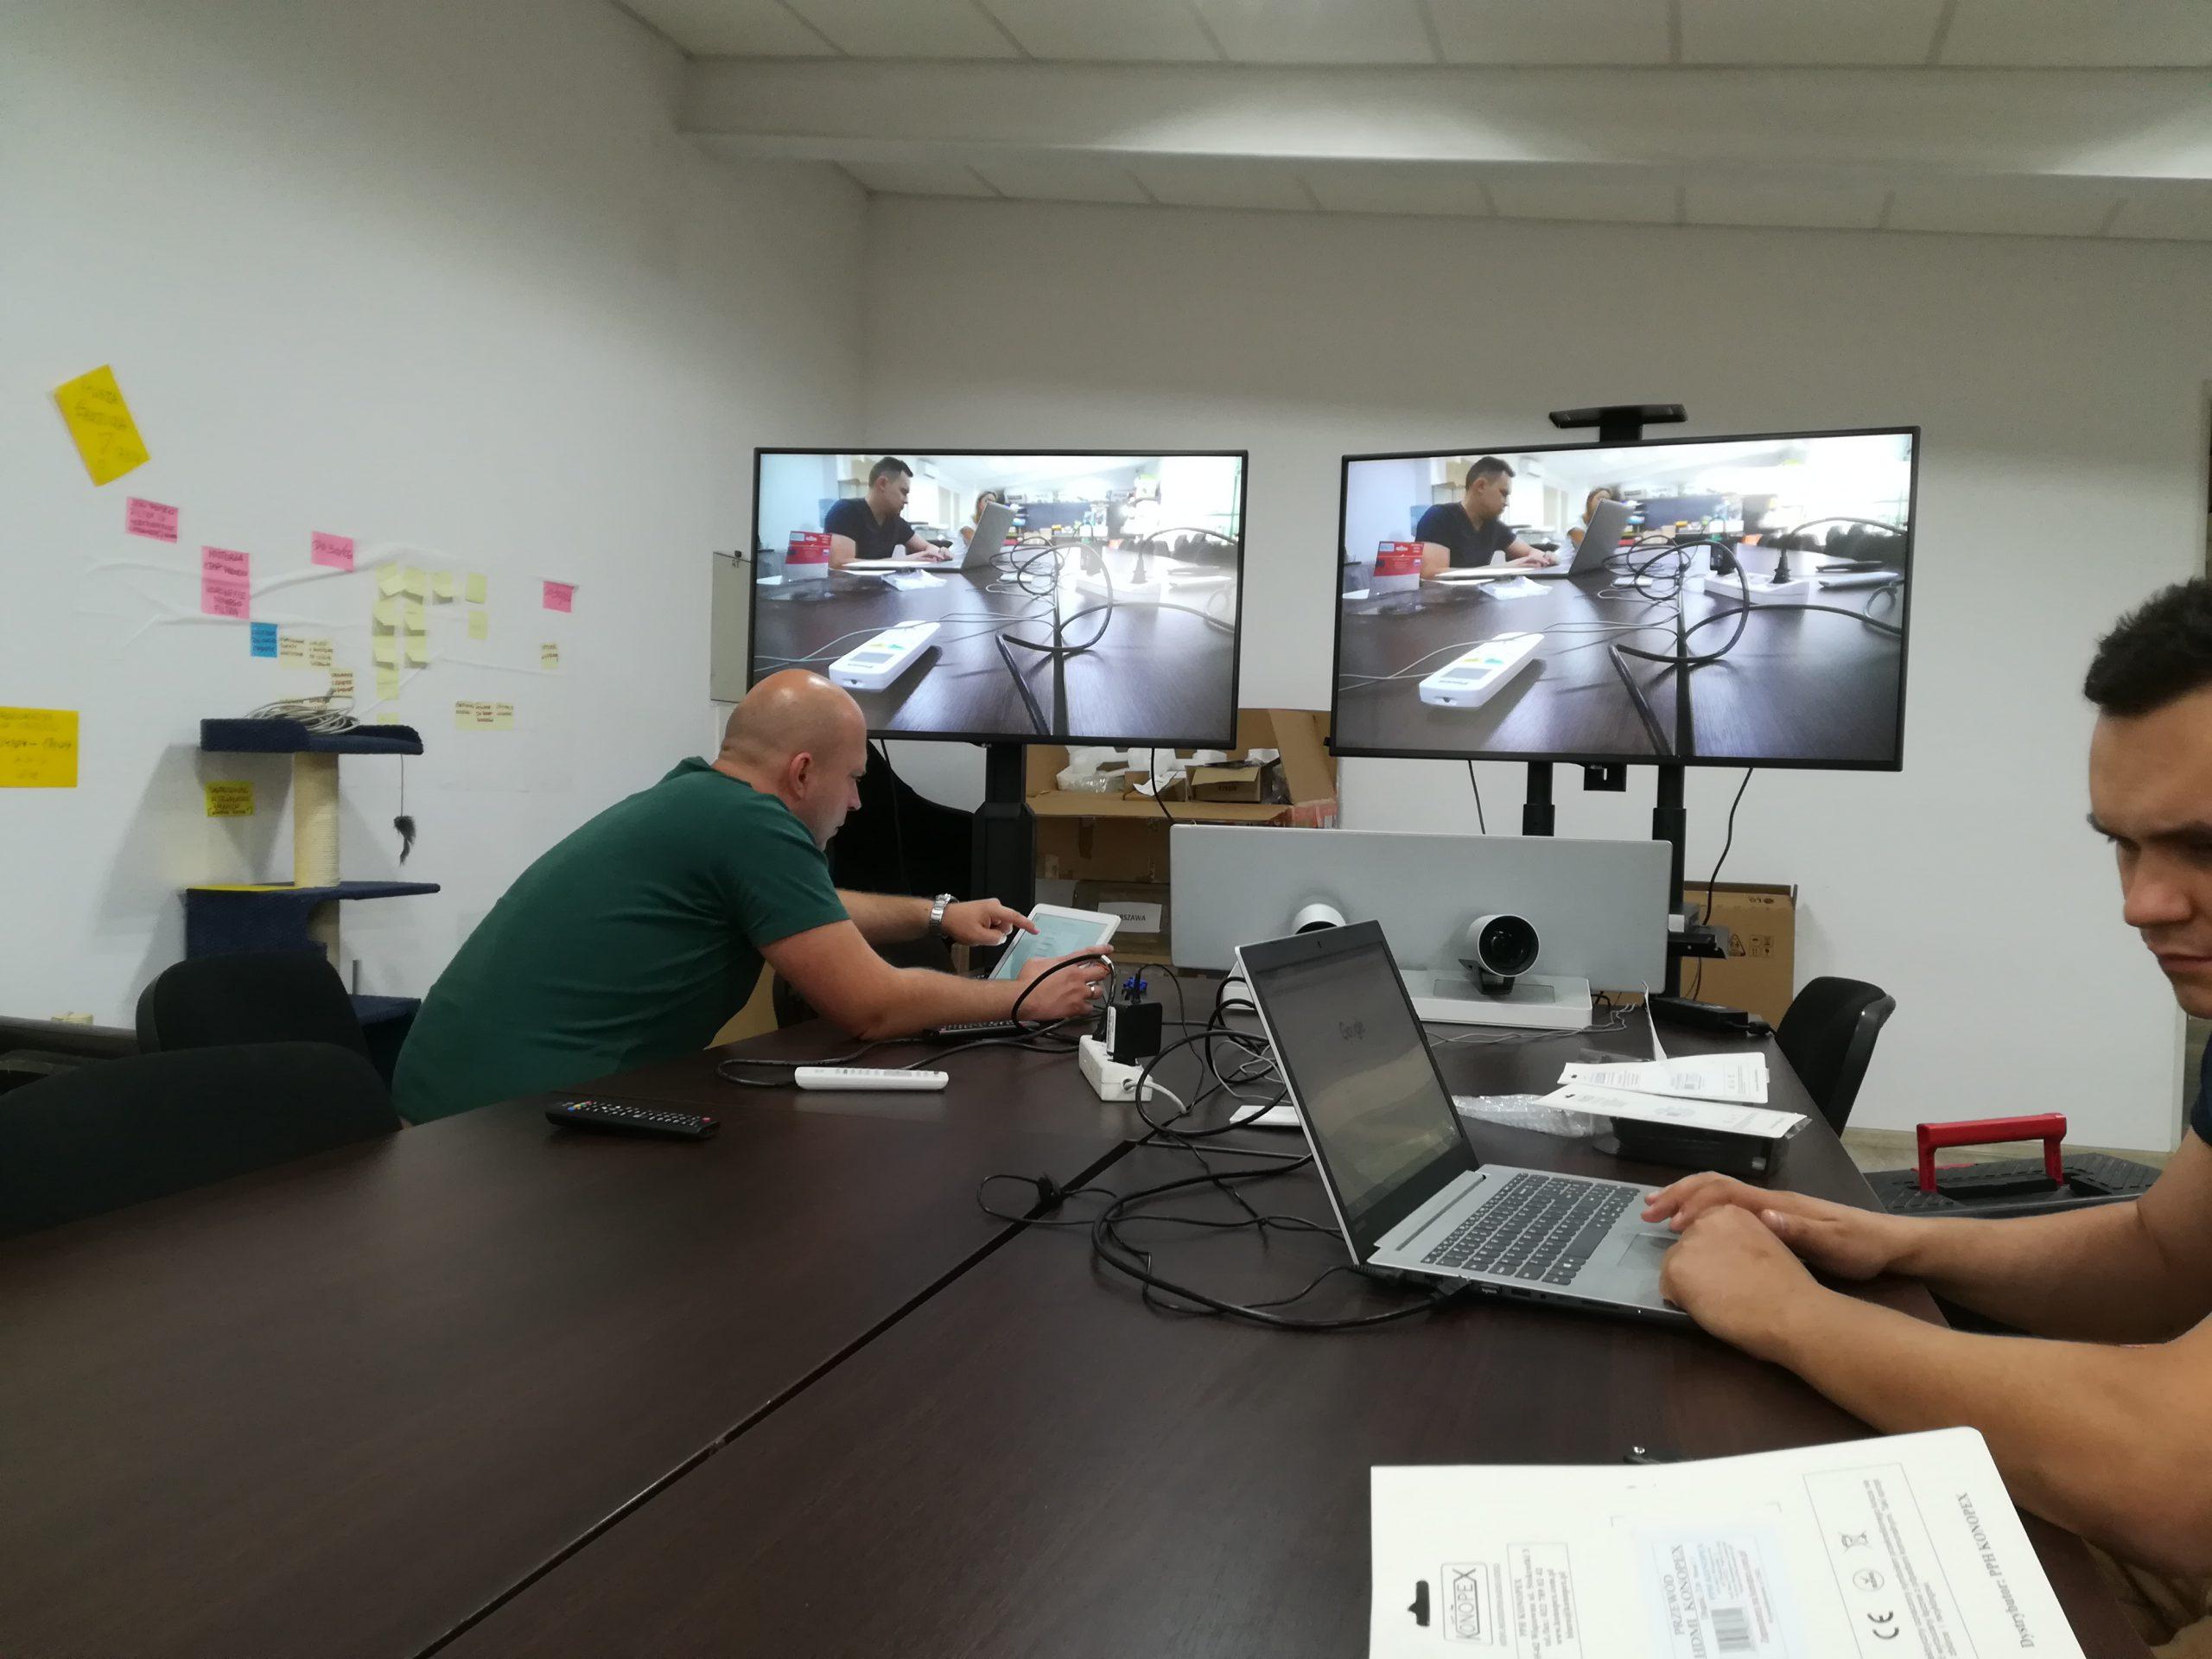 Konfiguracja oprogramowania i sprzętu do wideokonferencji